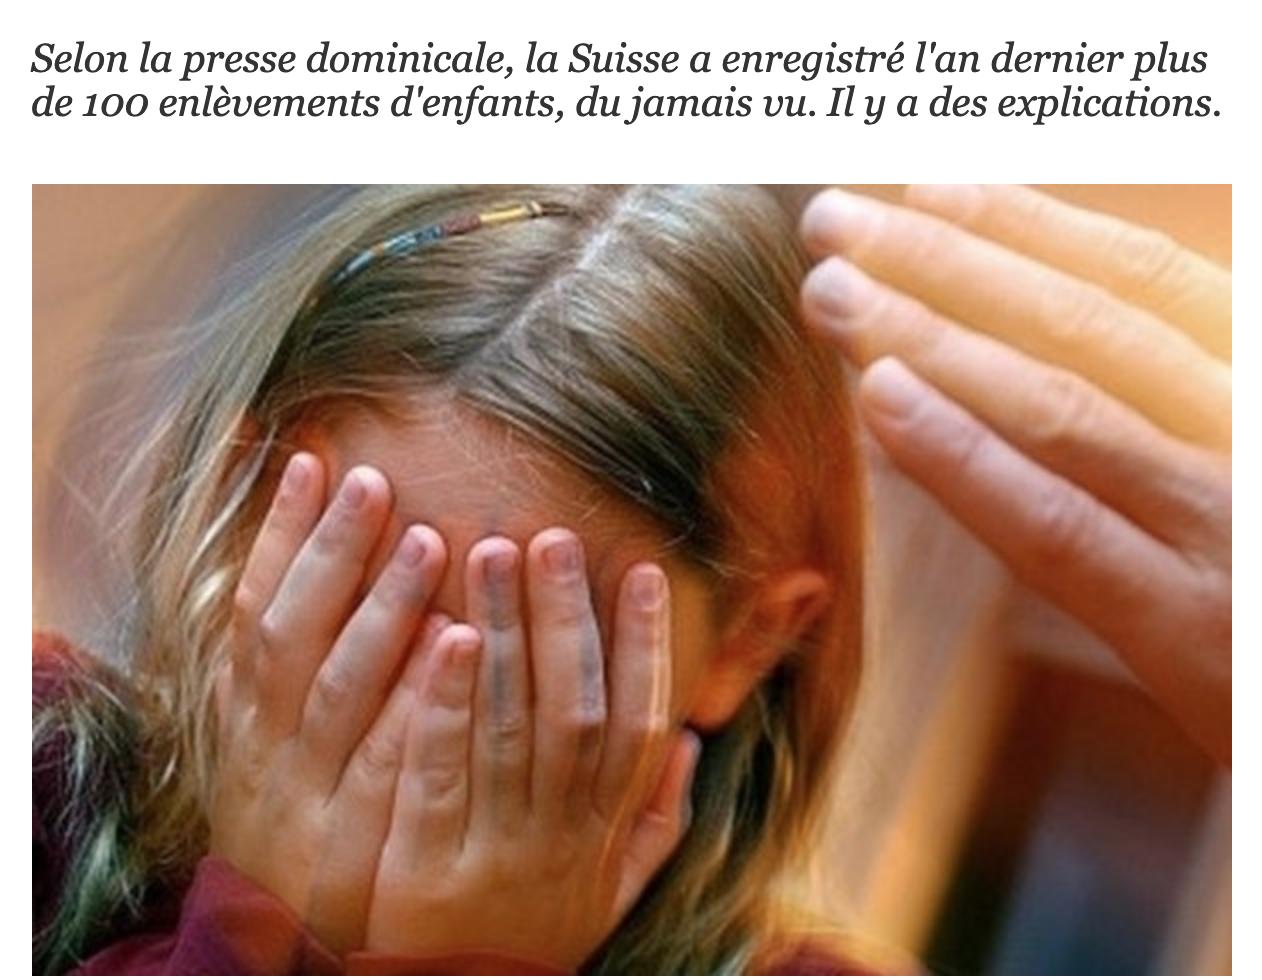 Suisse : plus de 100 enfants enlevés en 1 an… par leur père musulman ?